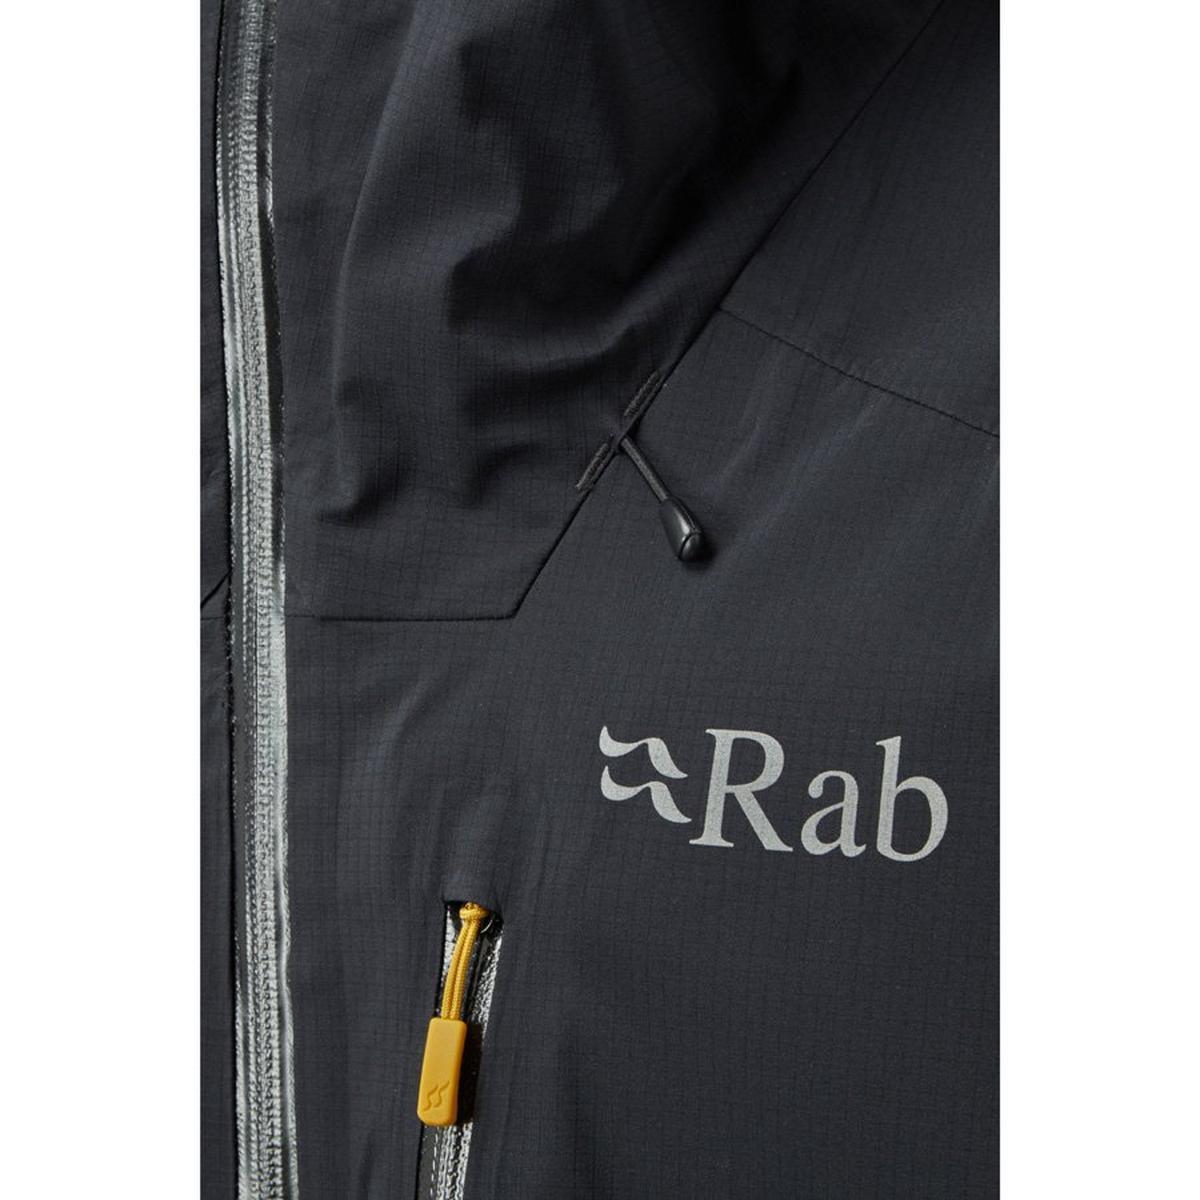 Rab Men's Rab Firewall Waterproof Jacket - Black